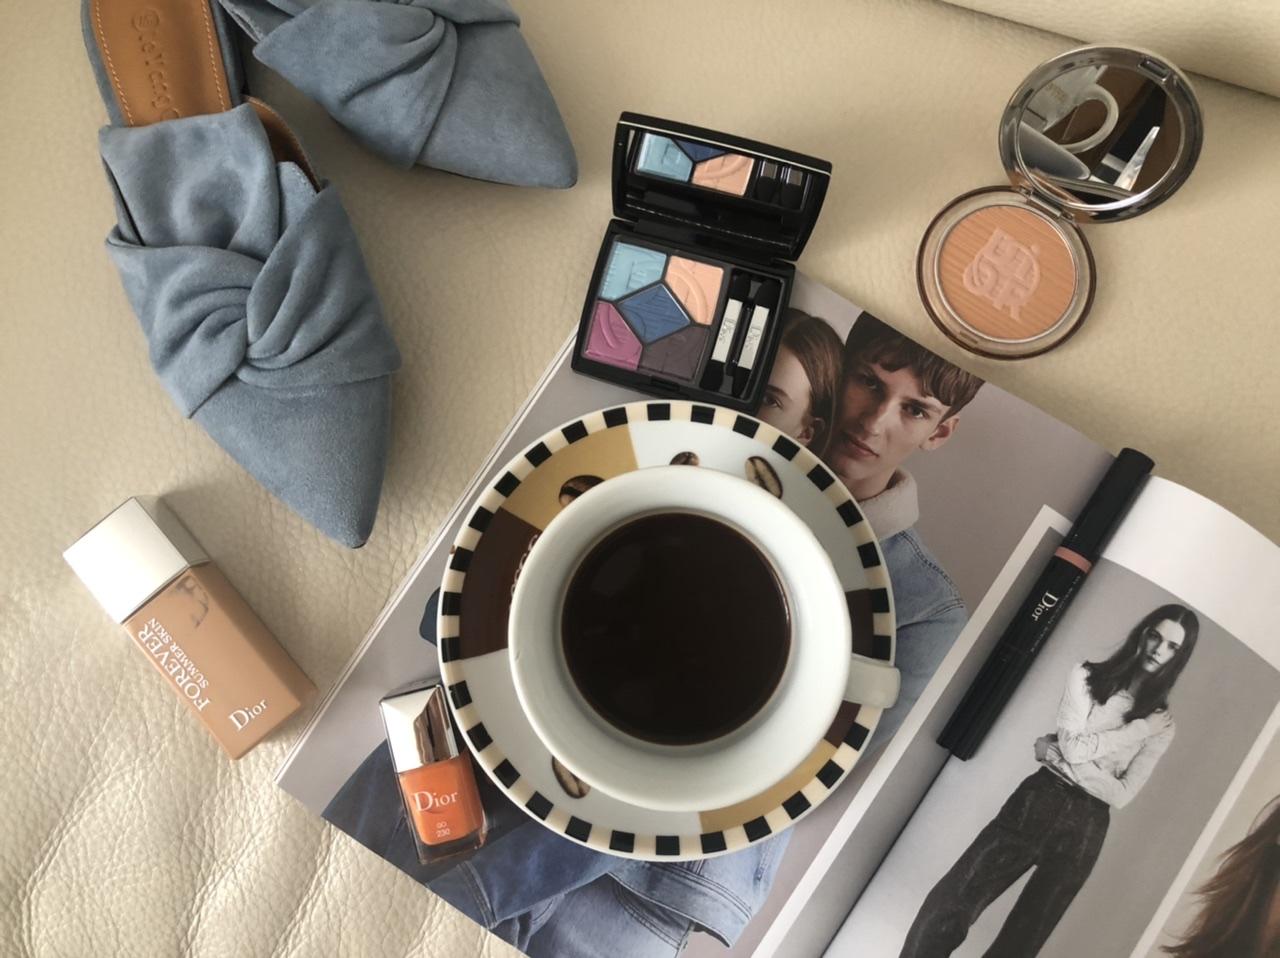 Collezione Dior Estate 2020: ecco il make-up esclusivo dell'estate